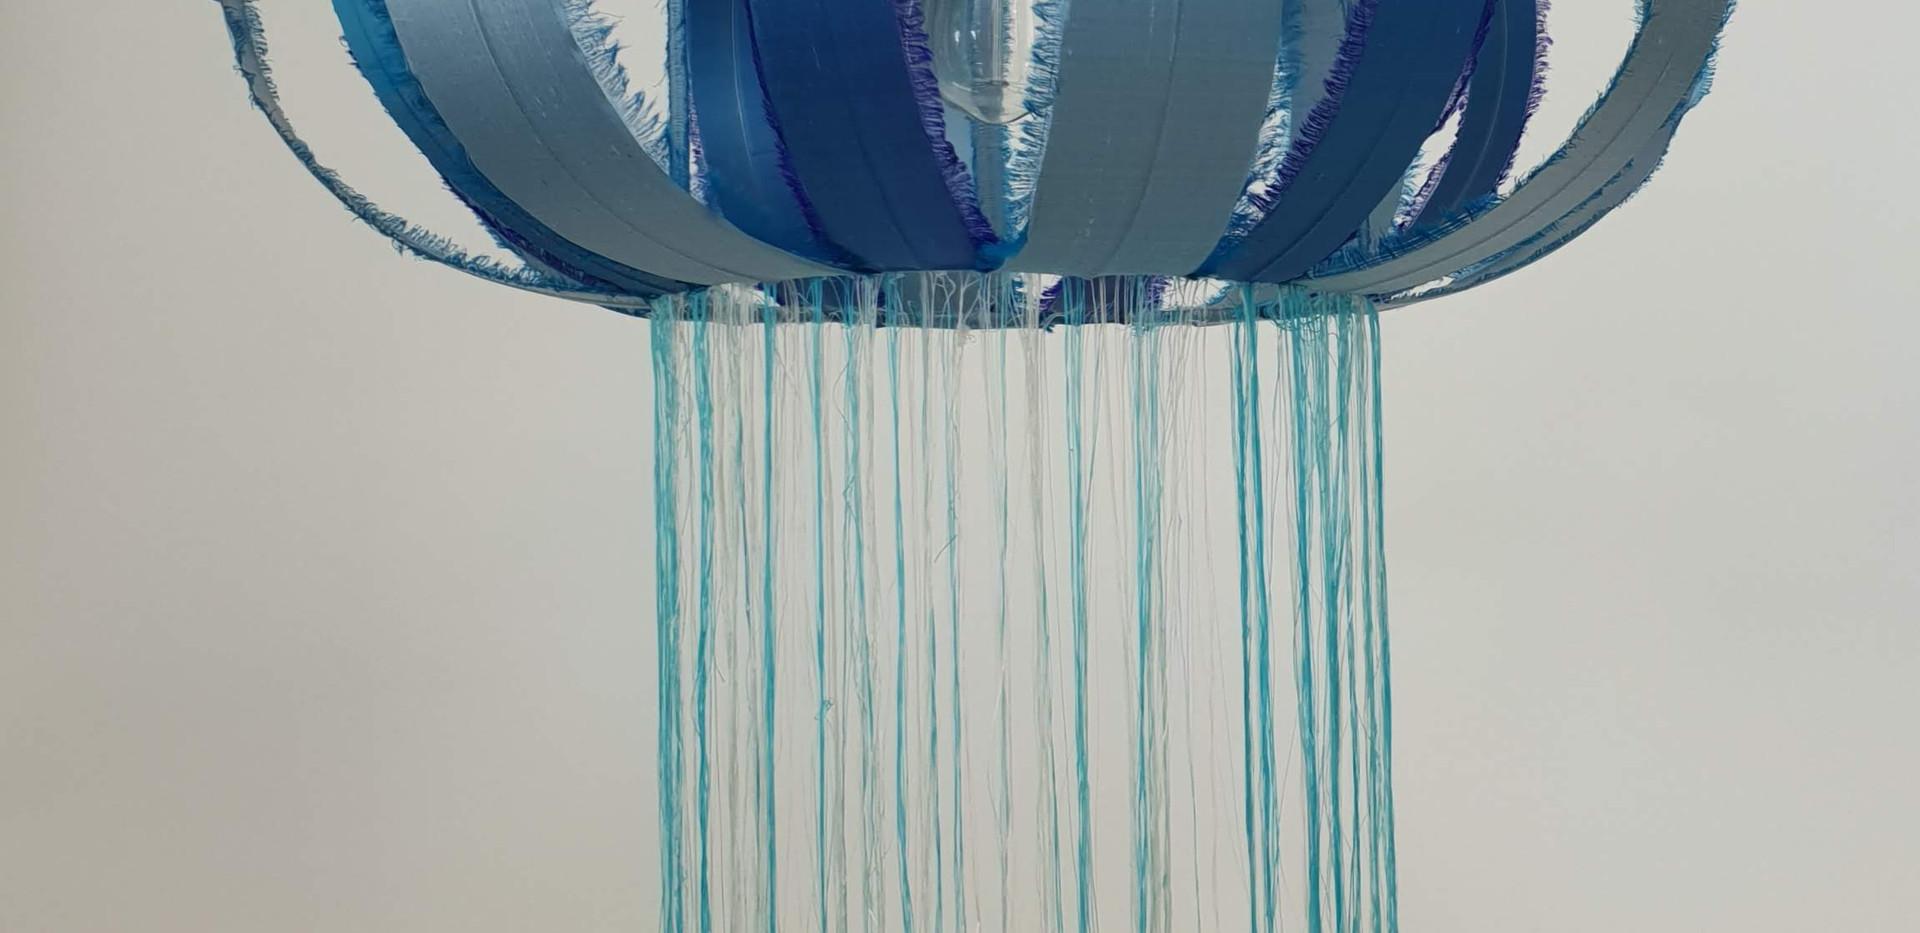 Whole beautiful blue jelly